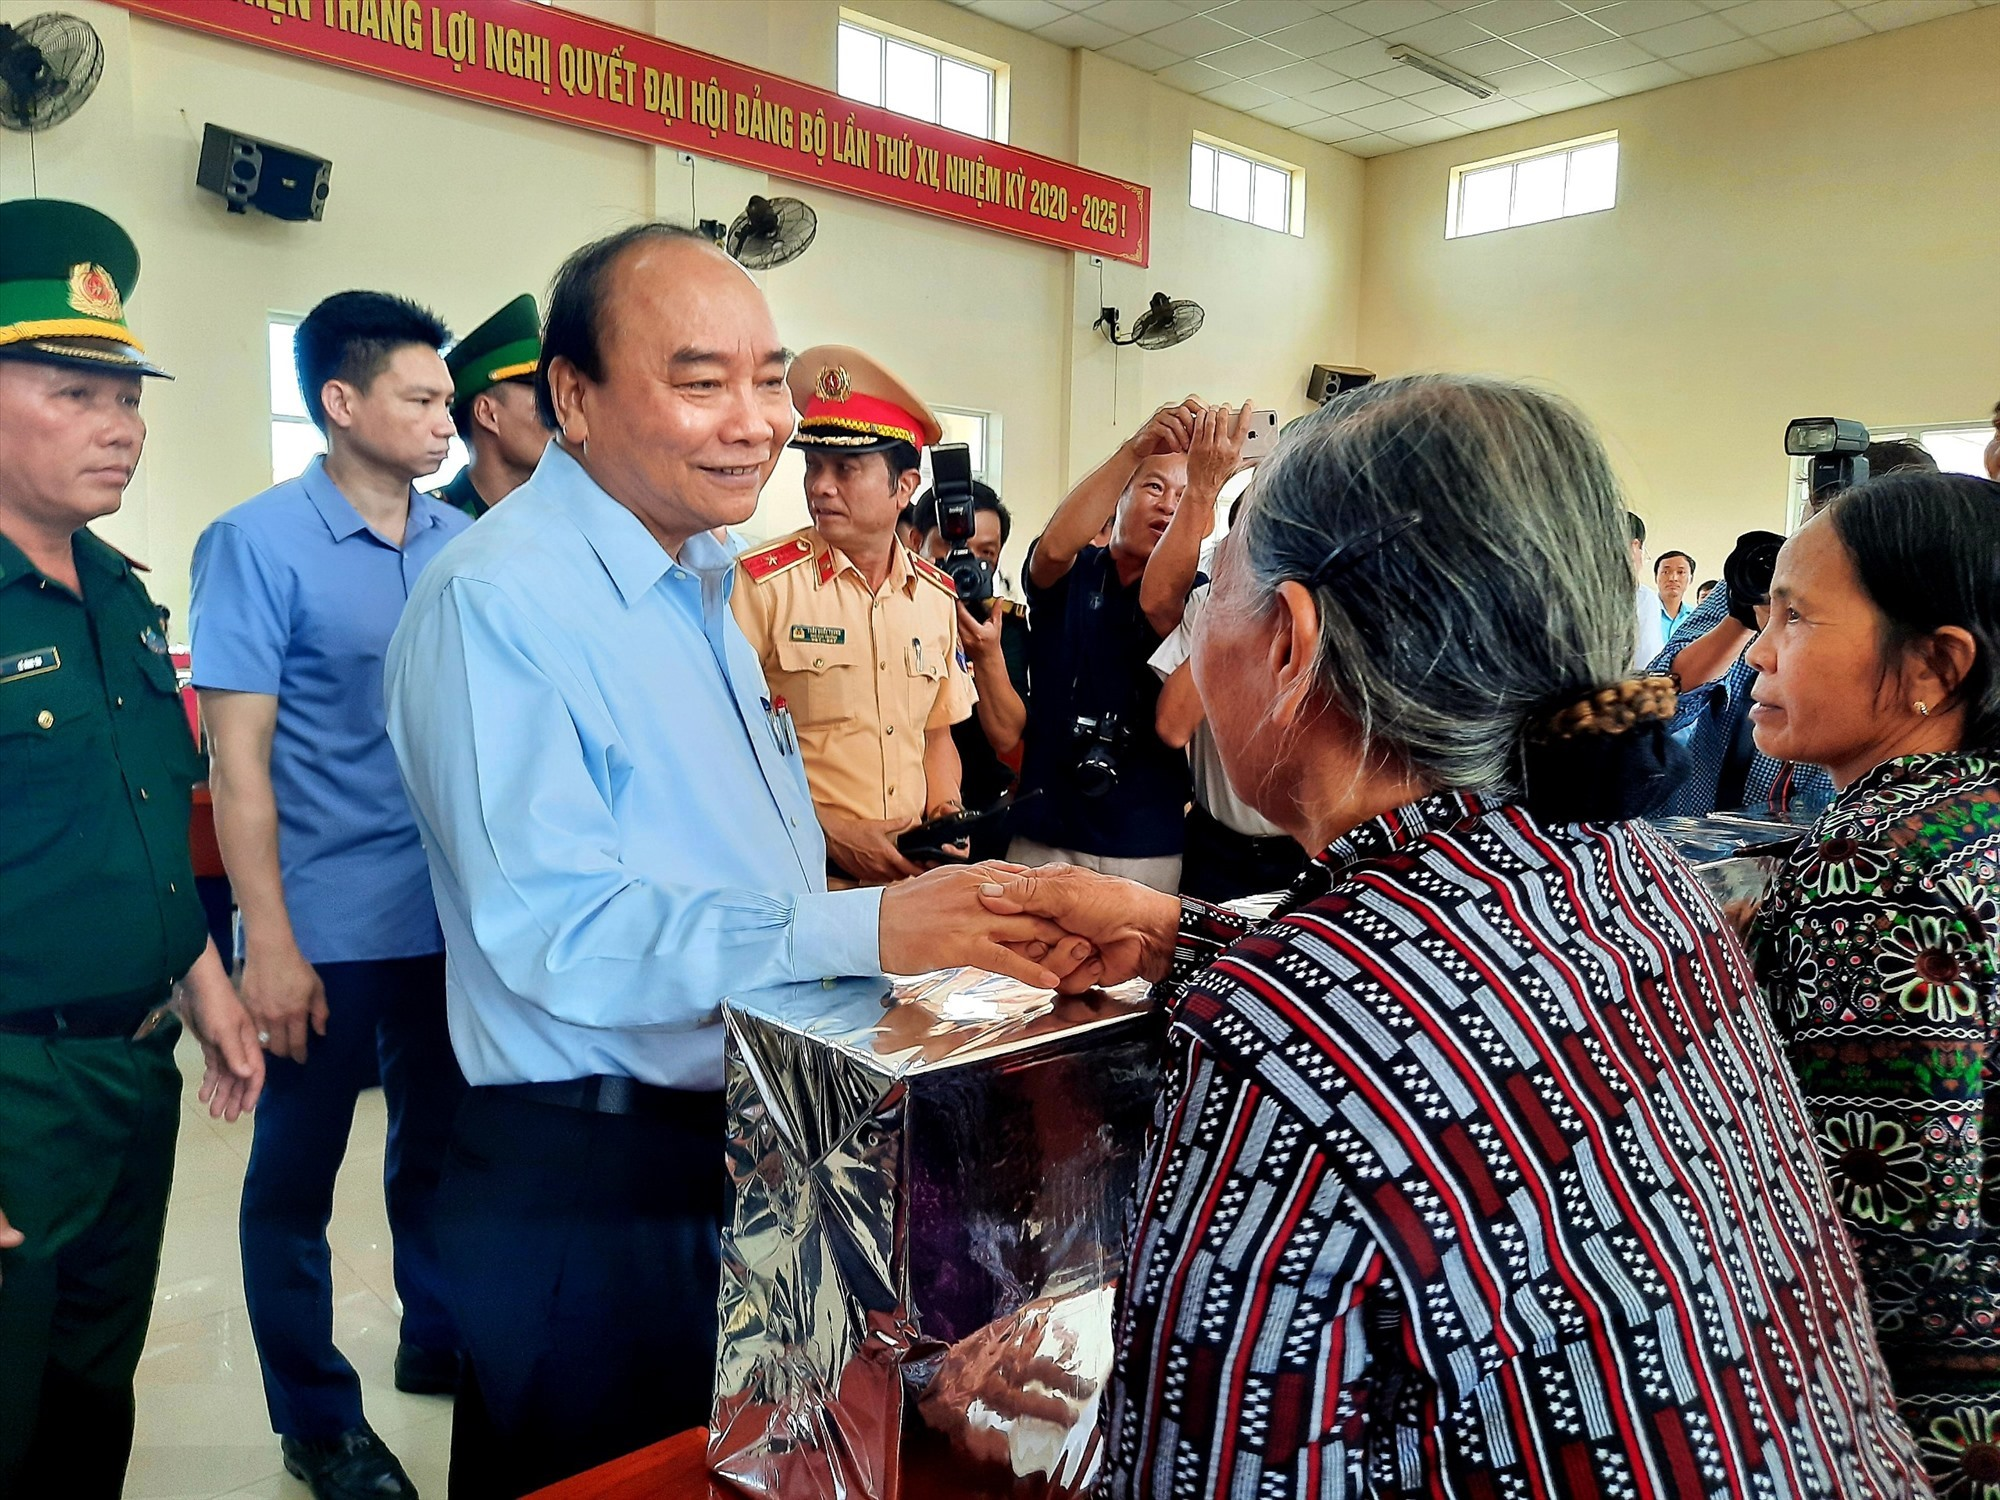 Thủ tướng Nguyễn Xuân Phúc đến thăm, động viên nhân dân xã Tam Quang bị thiệt hại do bão số 9